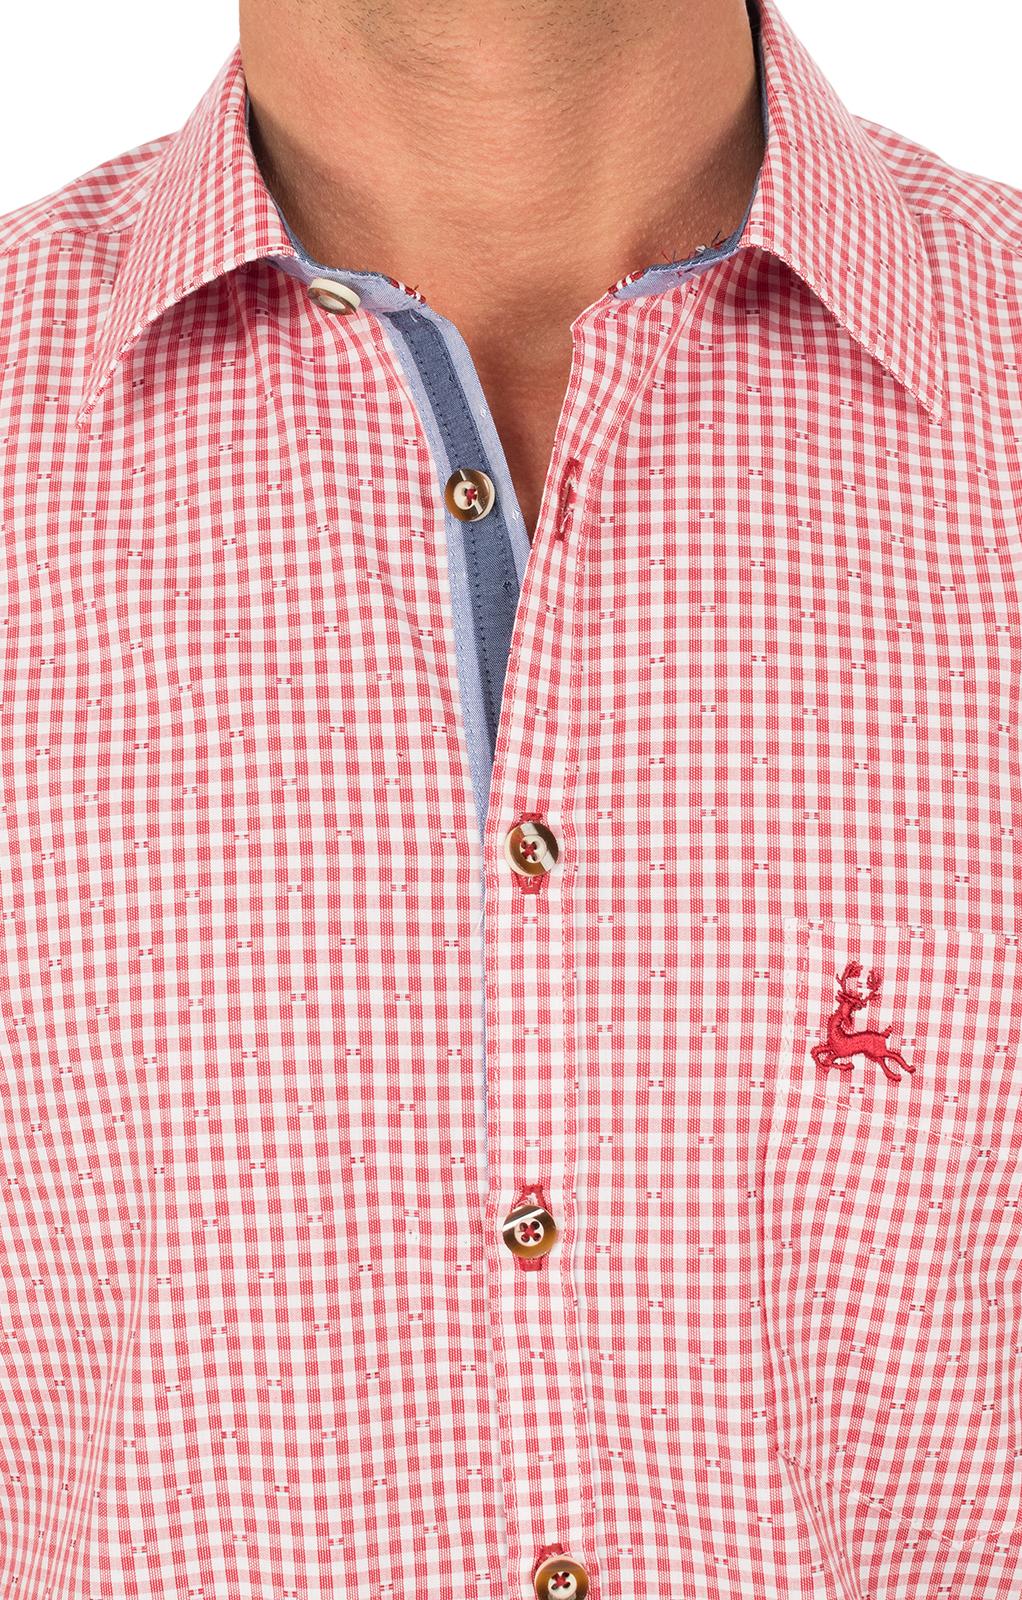 weitere Bilder von Camicia per Trachten manica lunga rosso